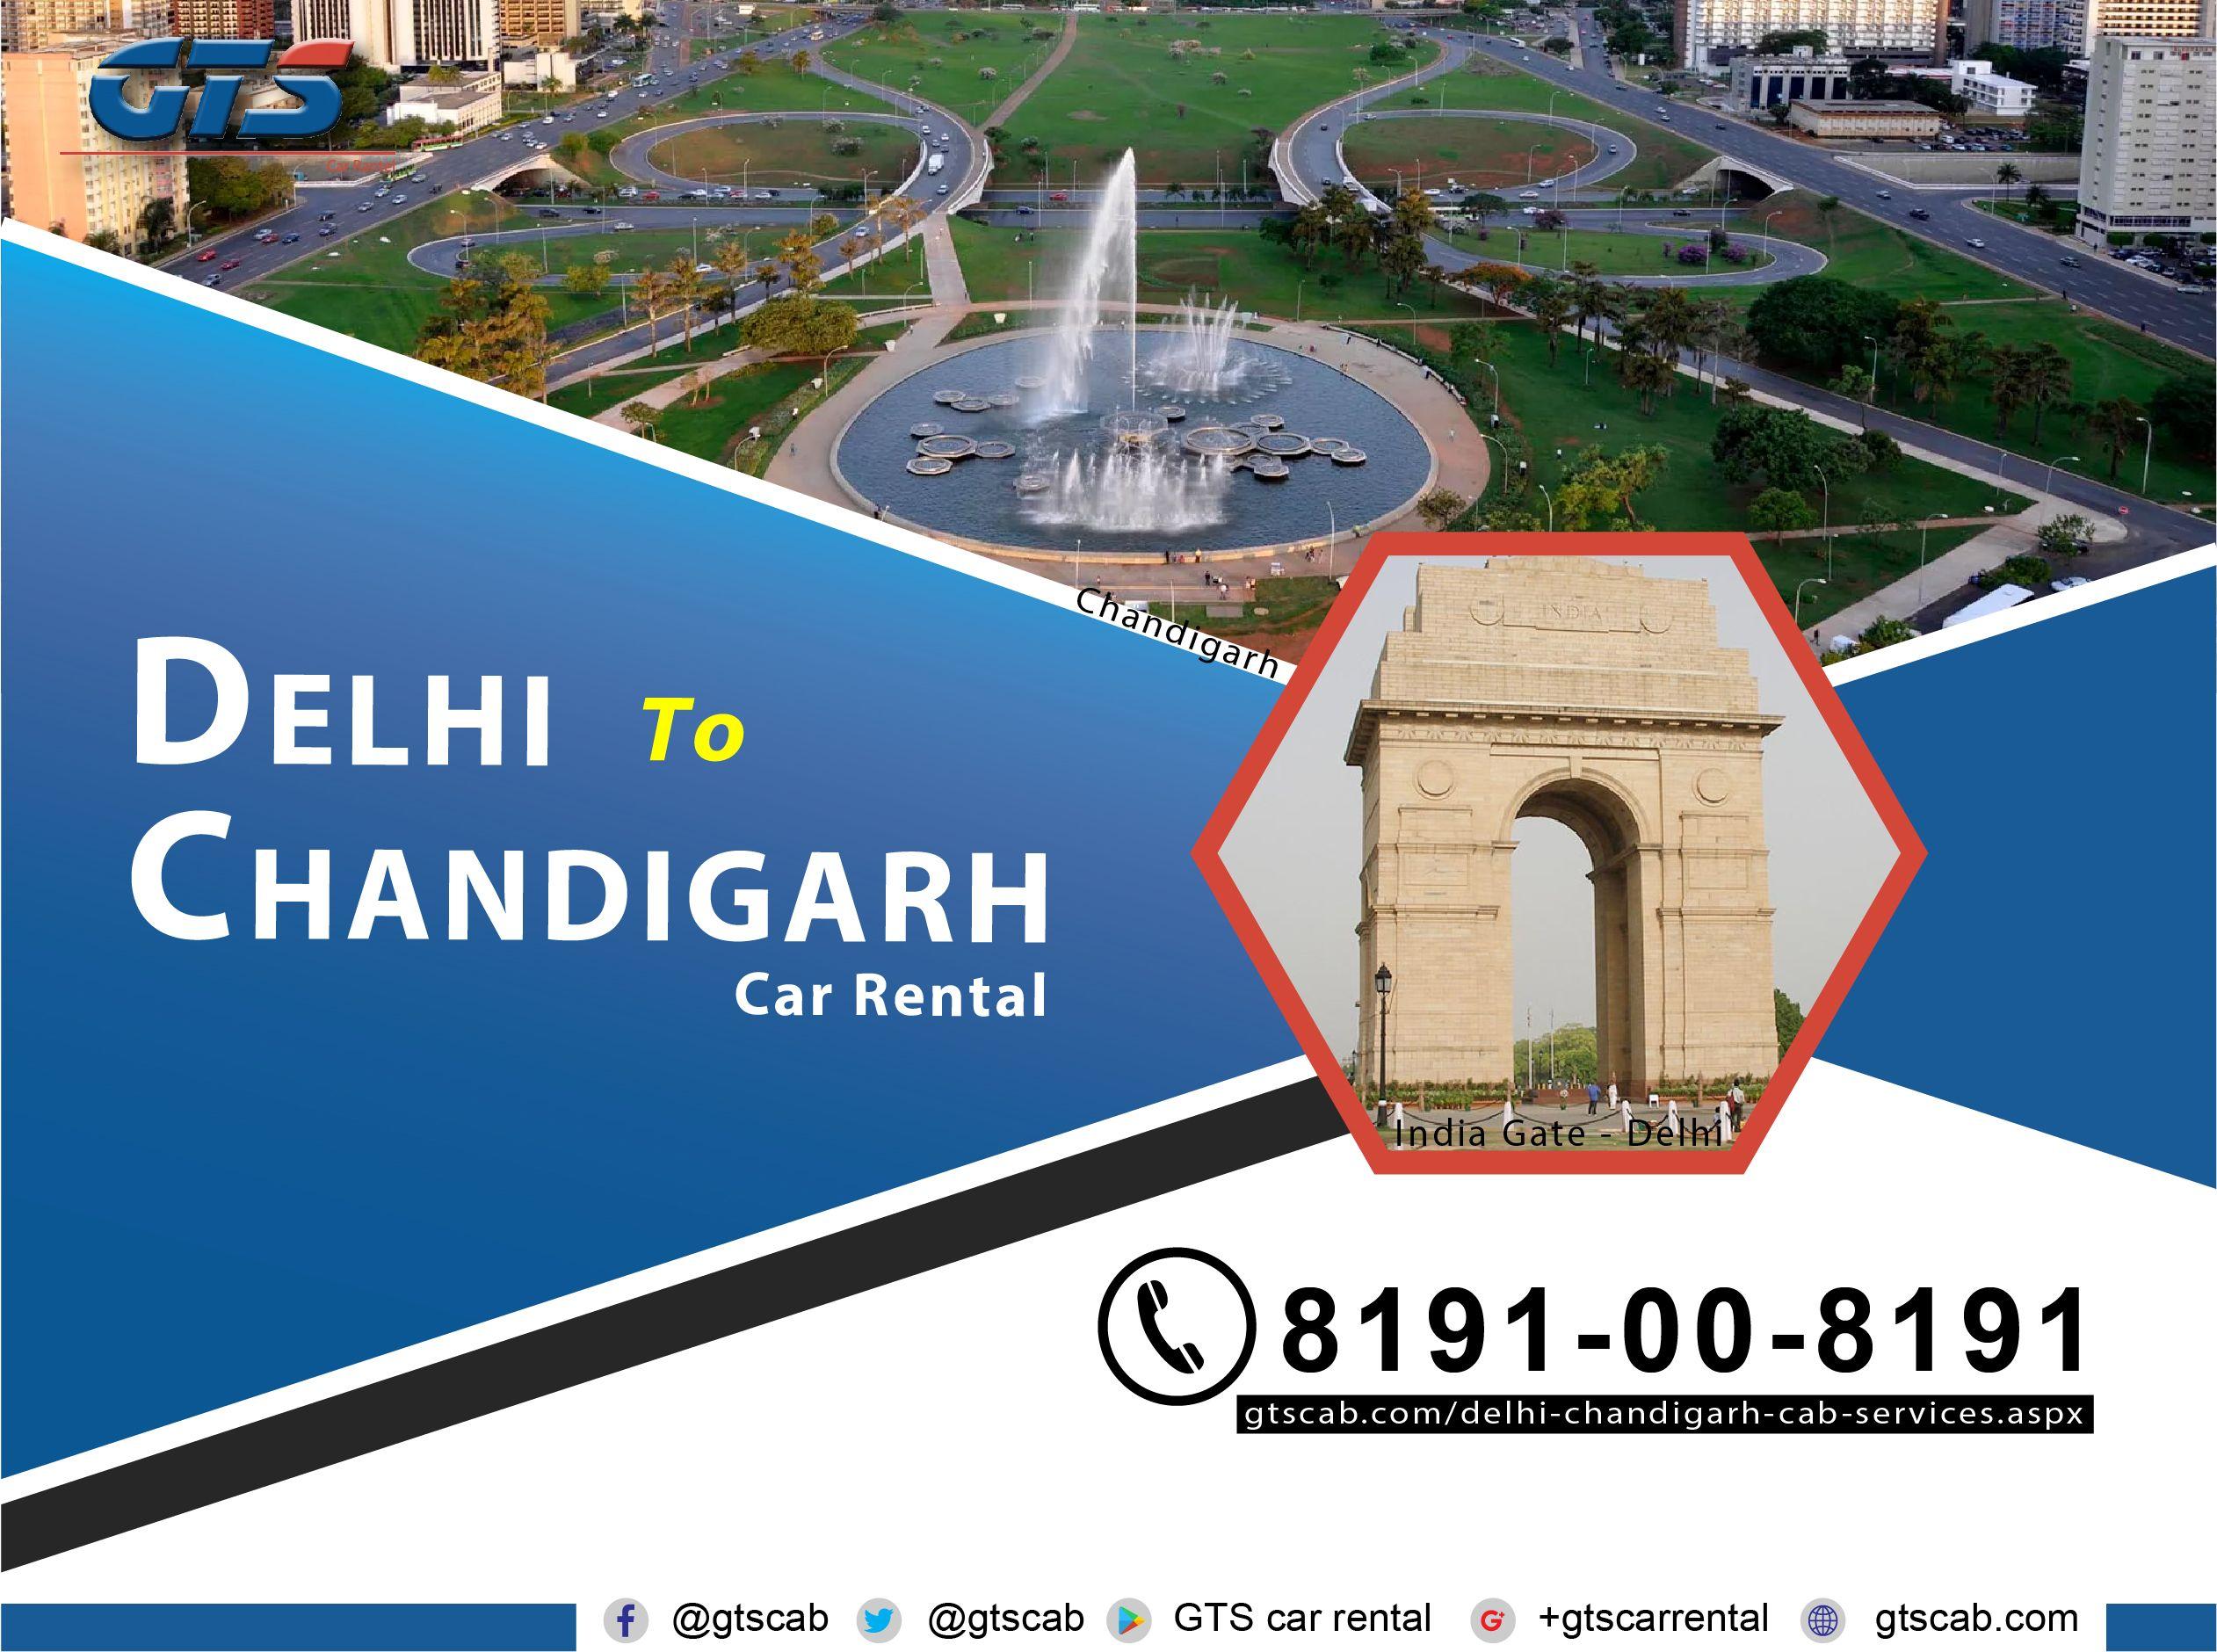 Delhi To Chandigarh Car Rental Car Rental Car Rental Company Cab